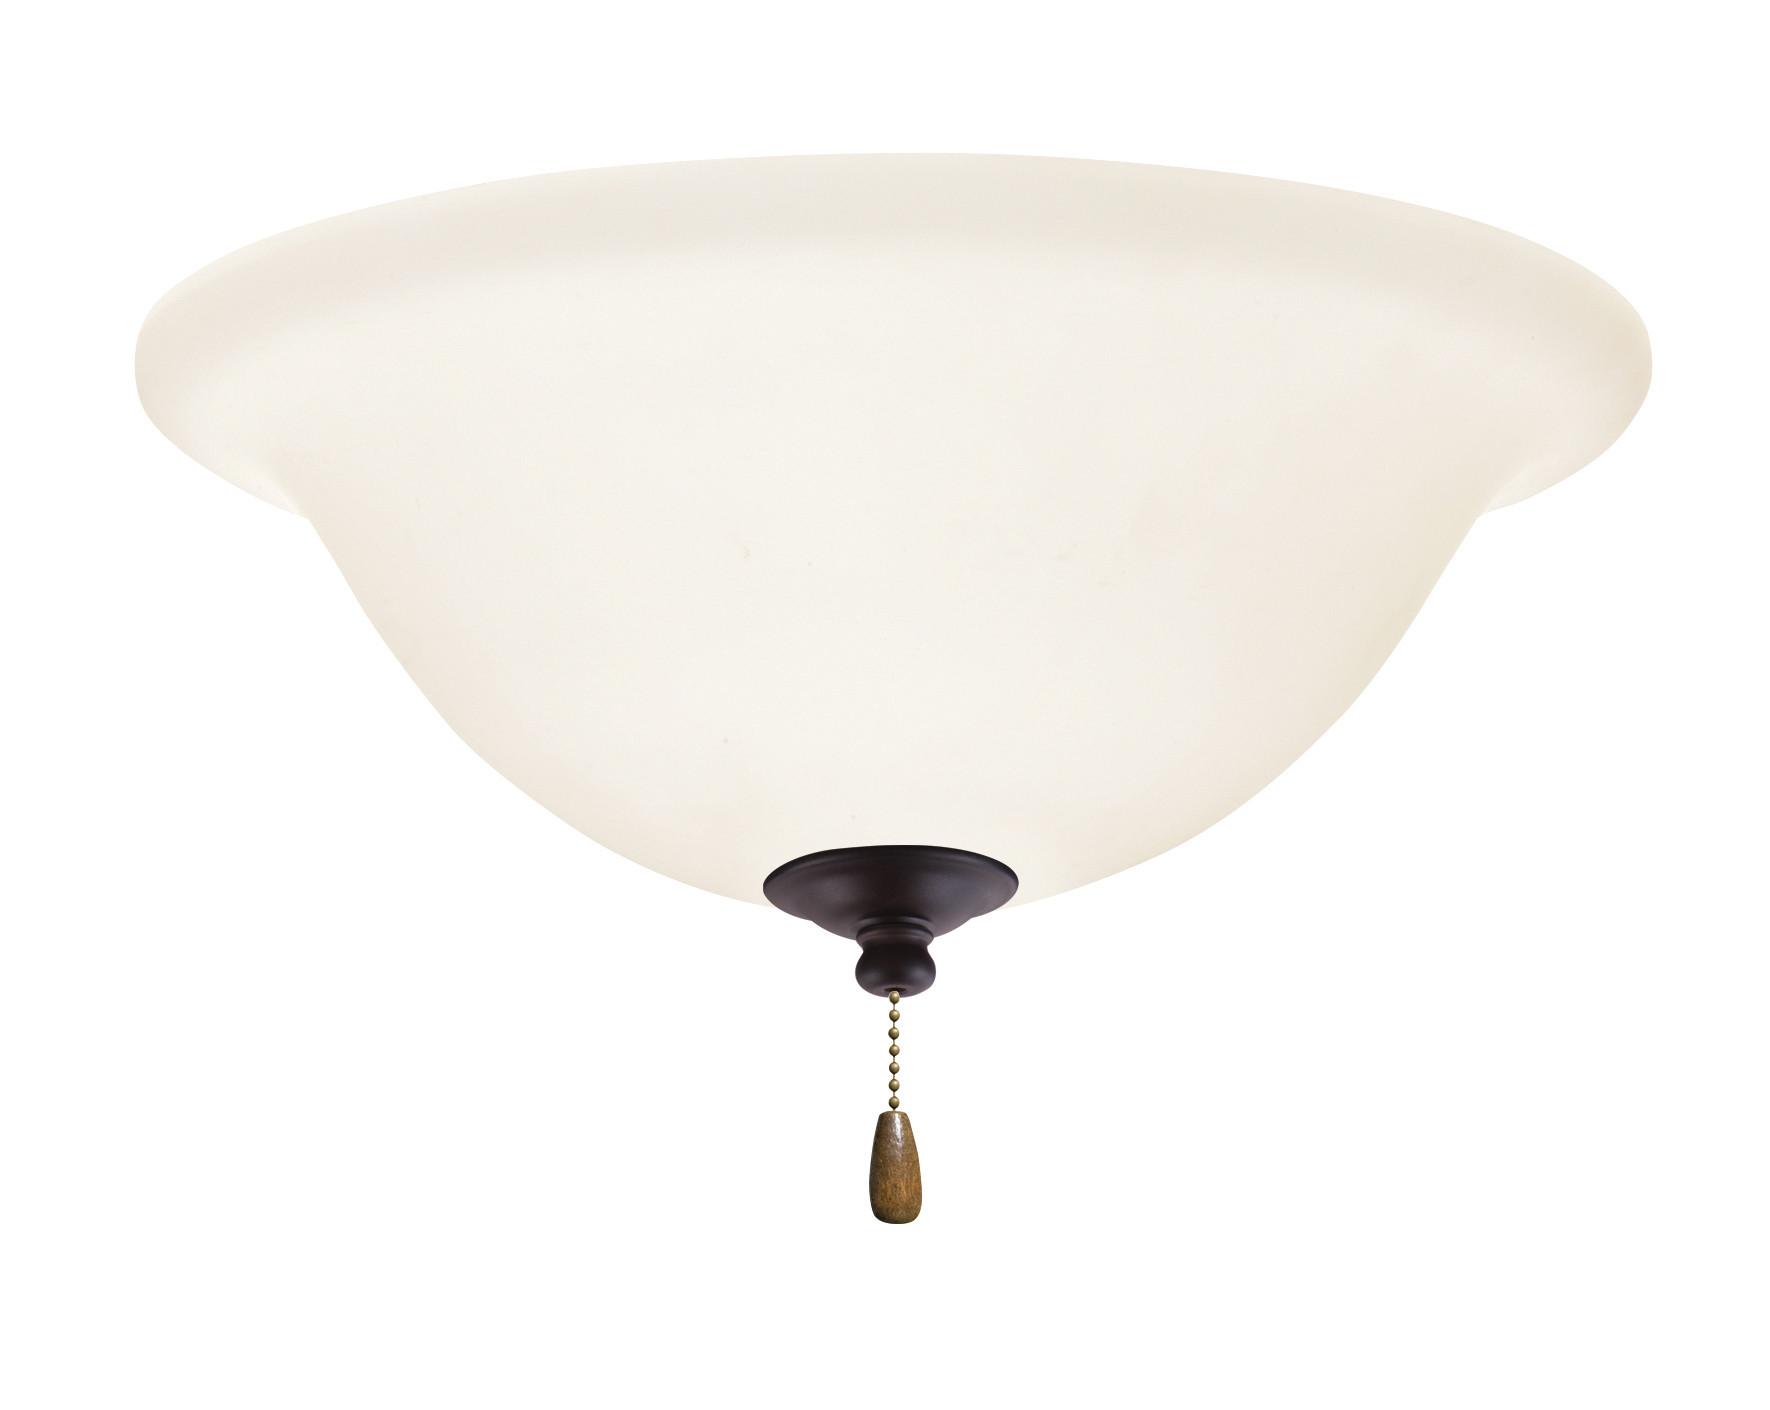 Emerson Lk74led Opal Matte 1 Light Led Ceiling Fan Kit